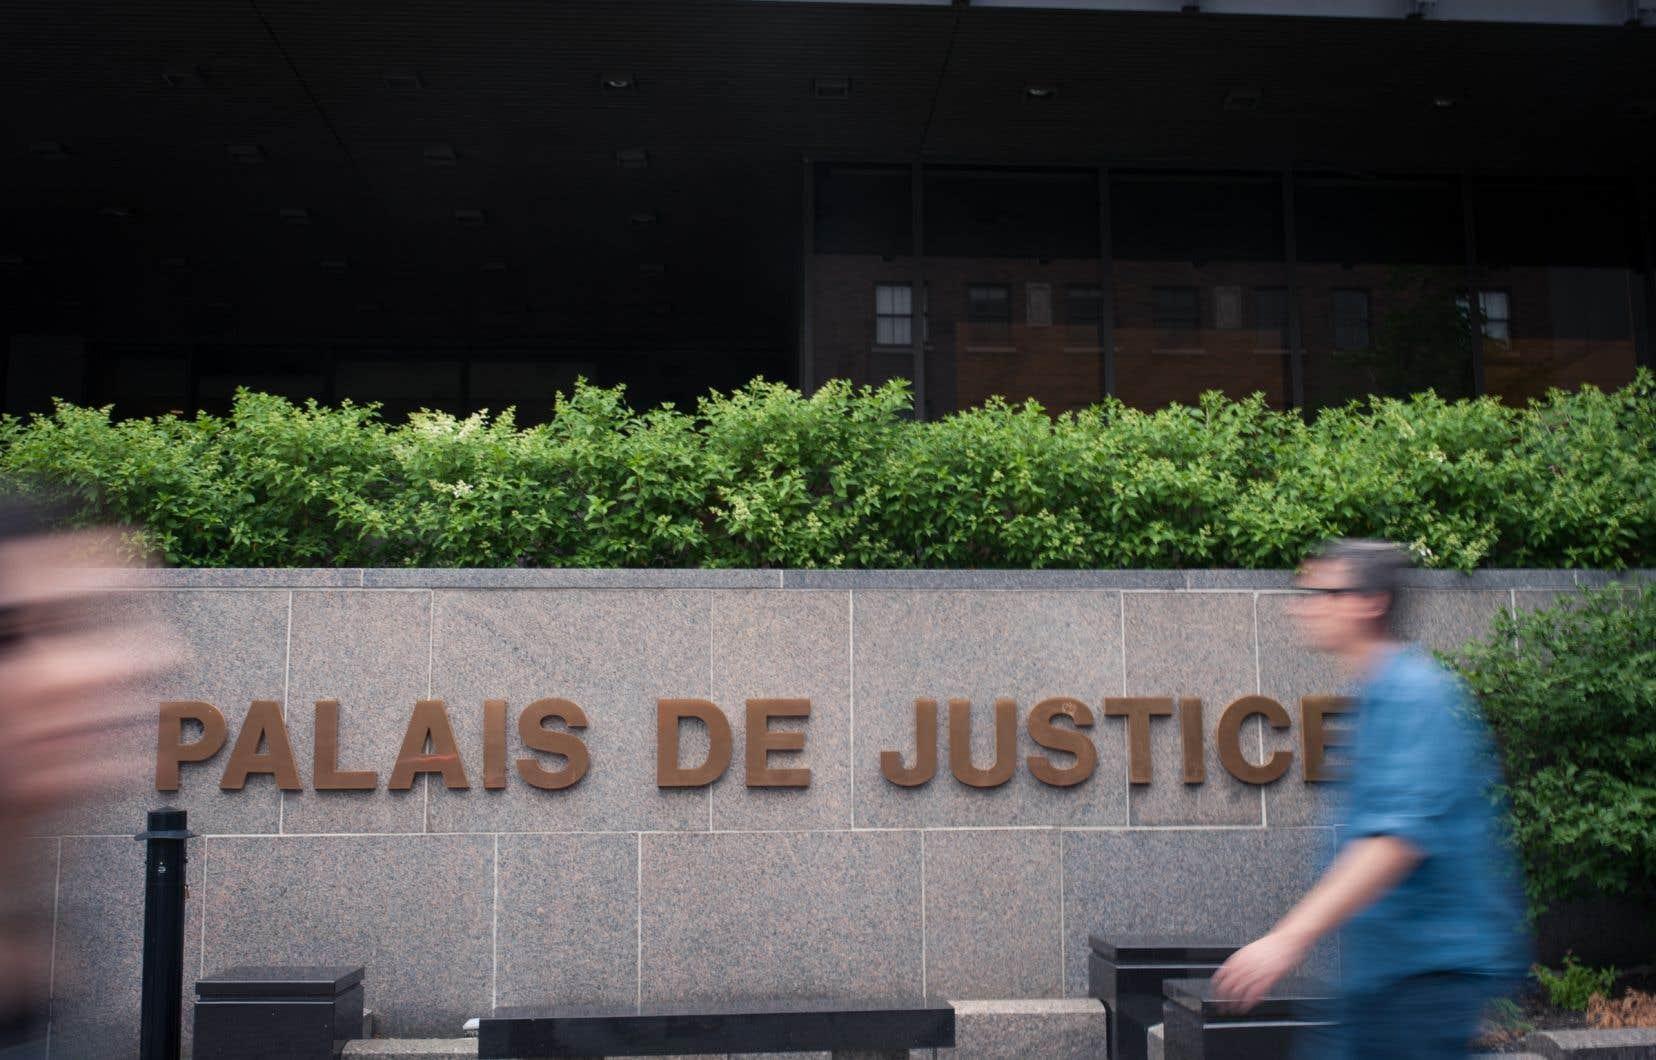 Le juge Sylvain Lussier de la Cour supérieure du Québec est intervenu à plusieurs reprises durant l'audience pour rappeler que le fait d'intenter une procédure judiciaire s'accompagne pour tout plaignant d'un lot d'inconvénients.